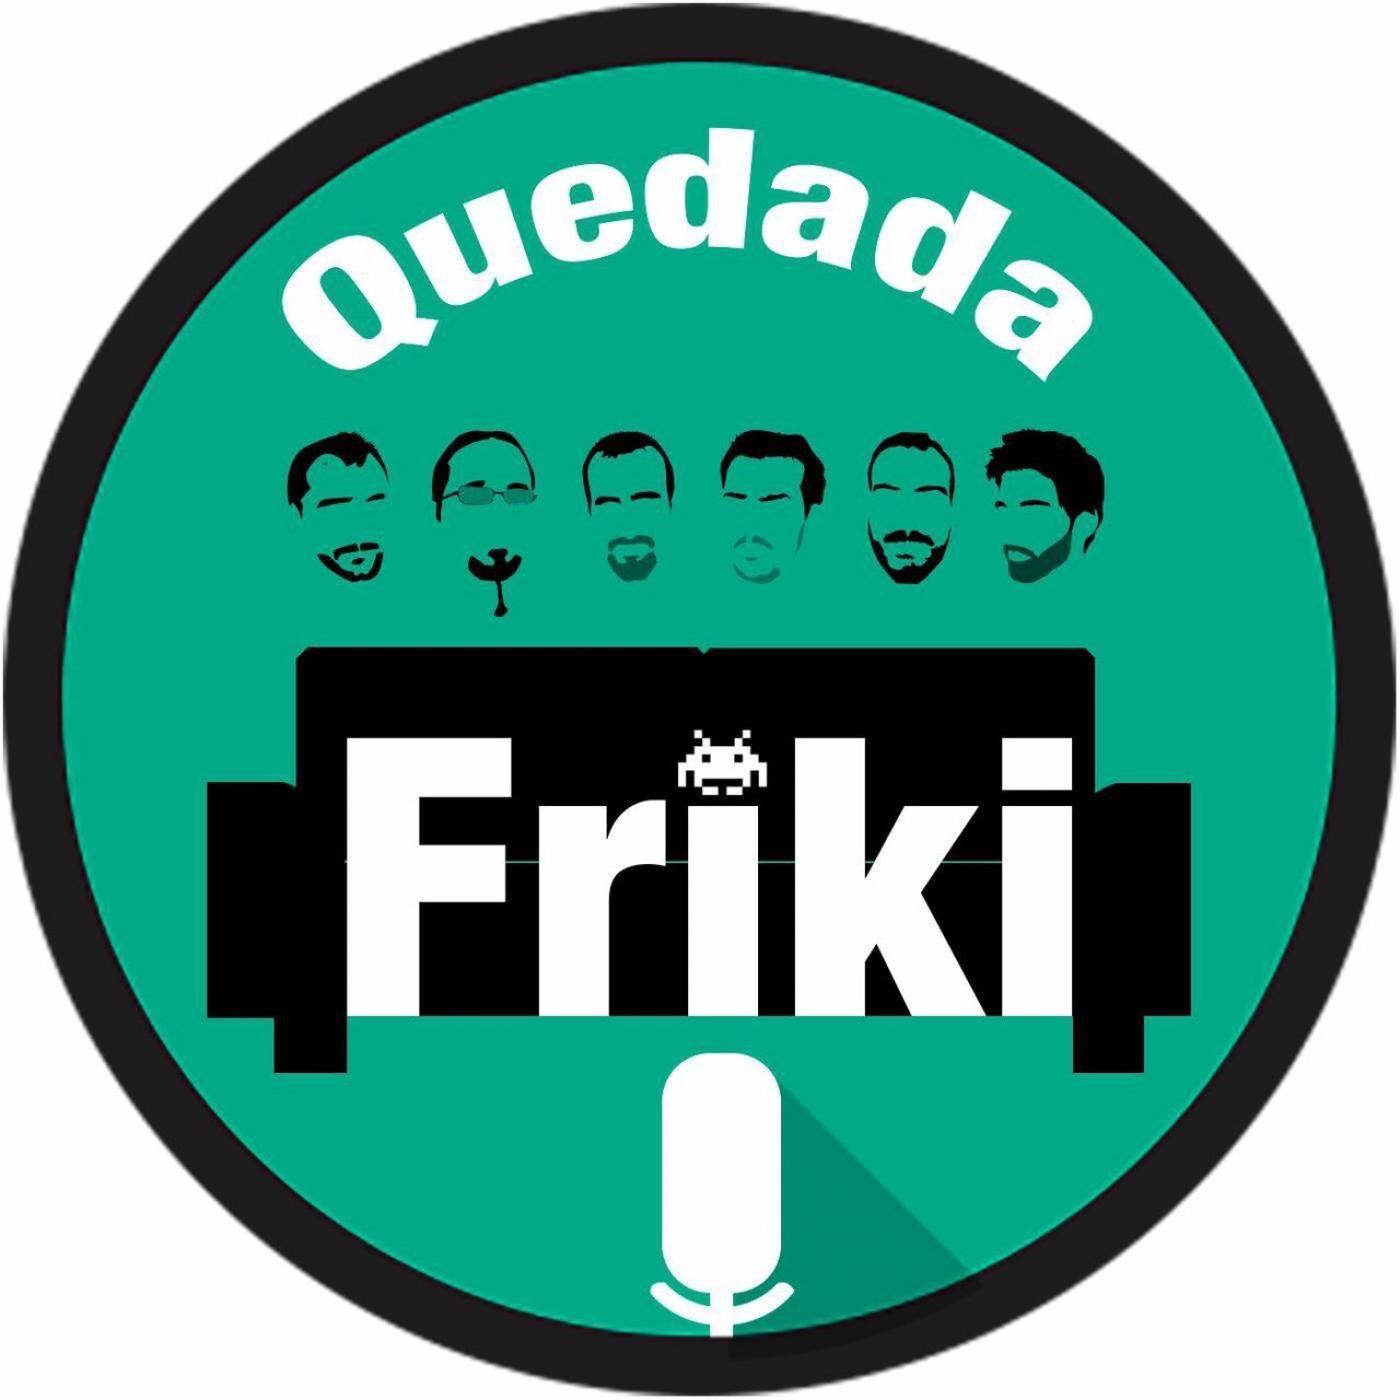 <![CDATA[Podcast de Quedada Friki]]>